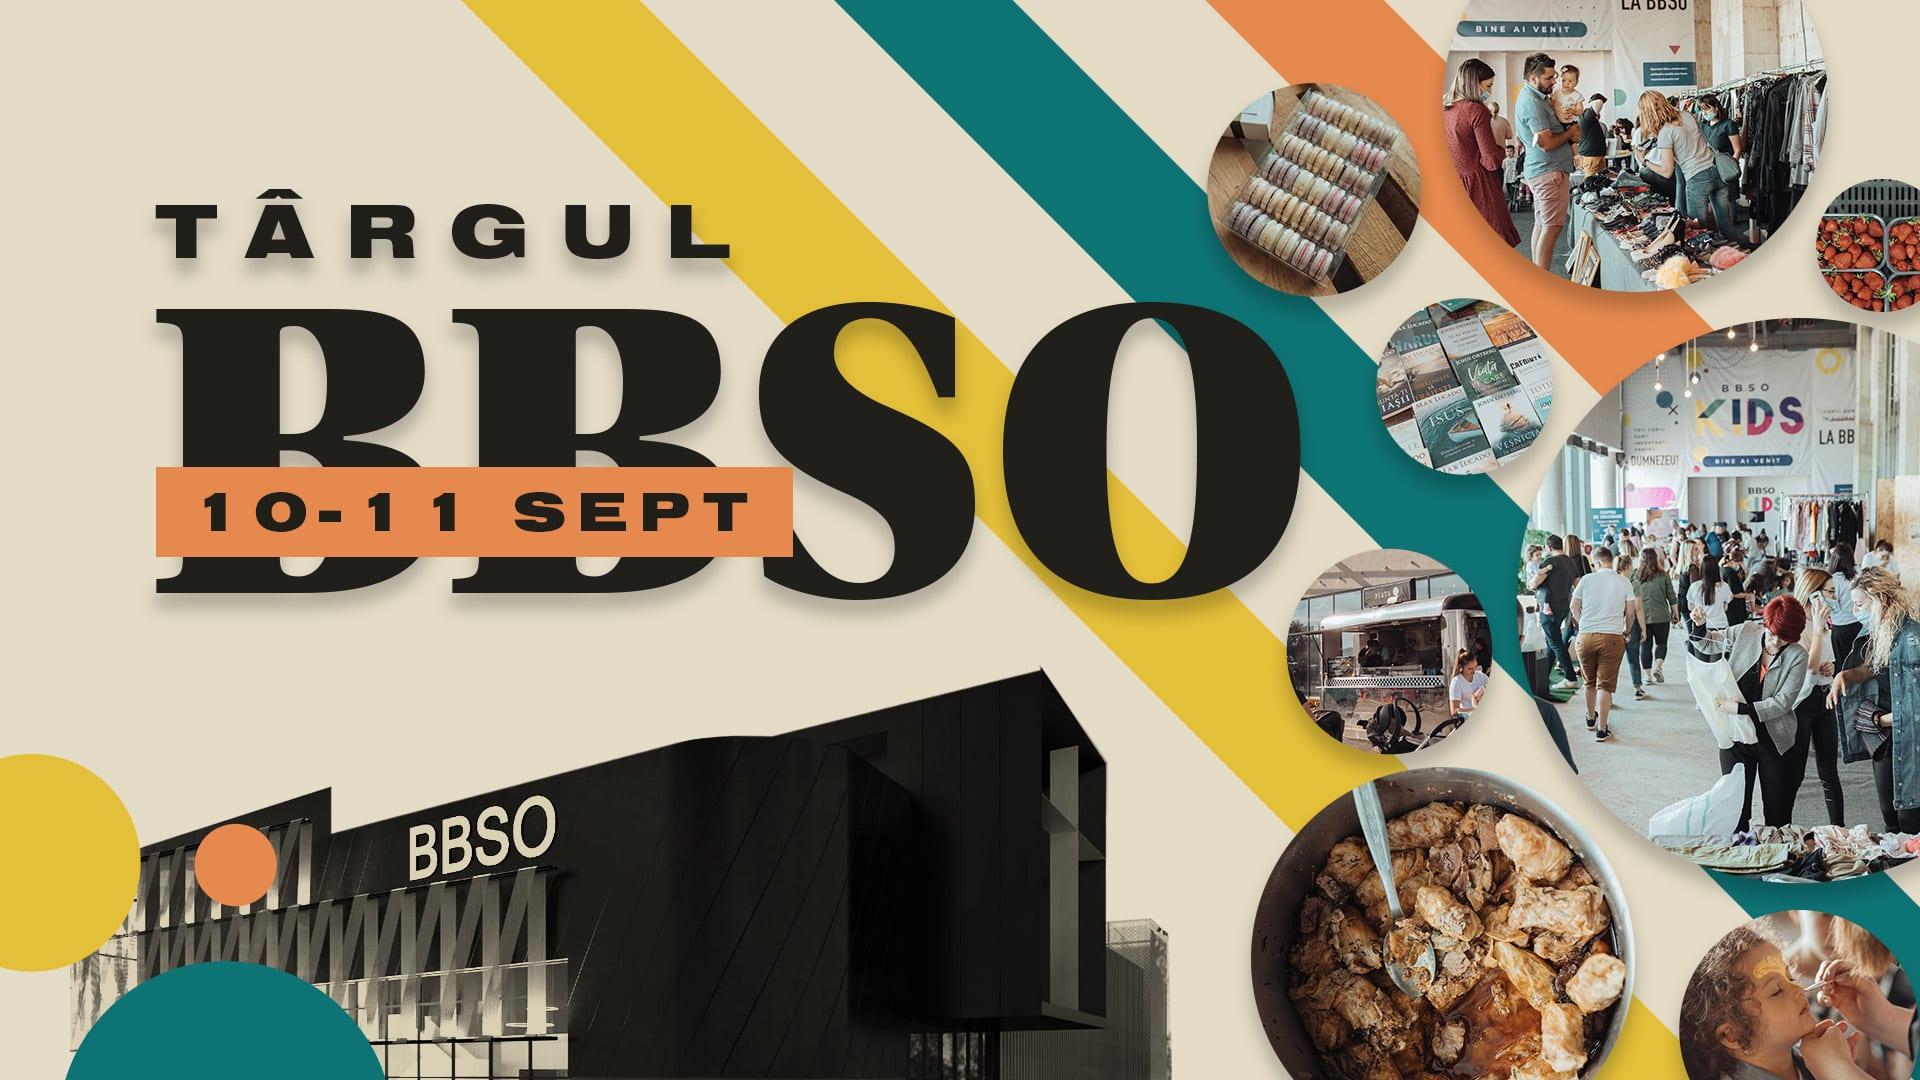 Targul BBSO Septembrie